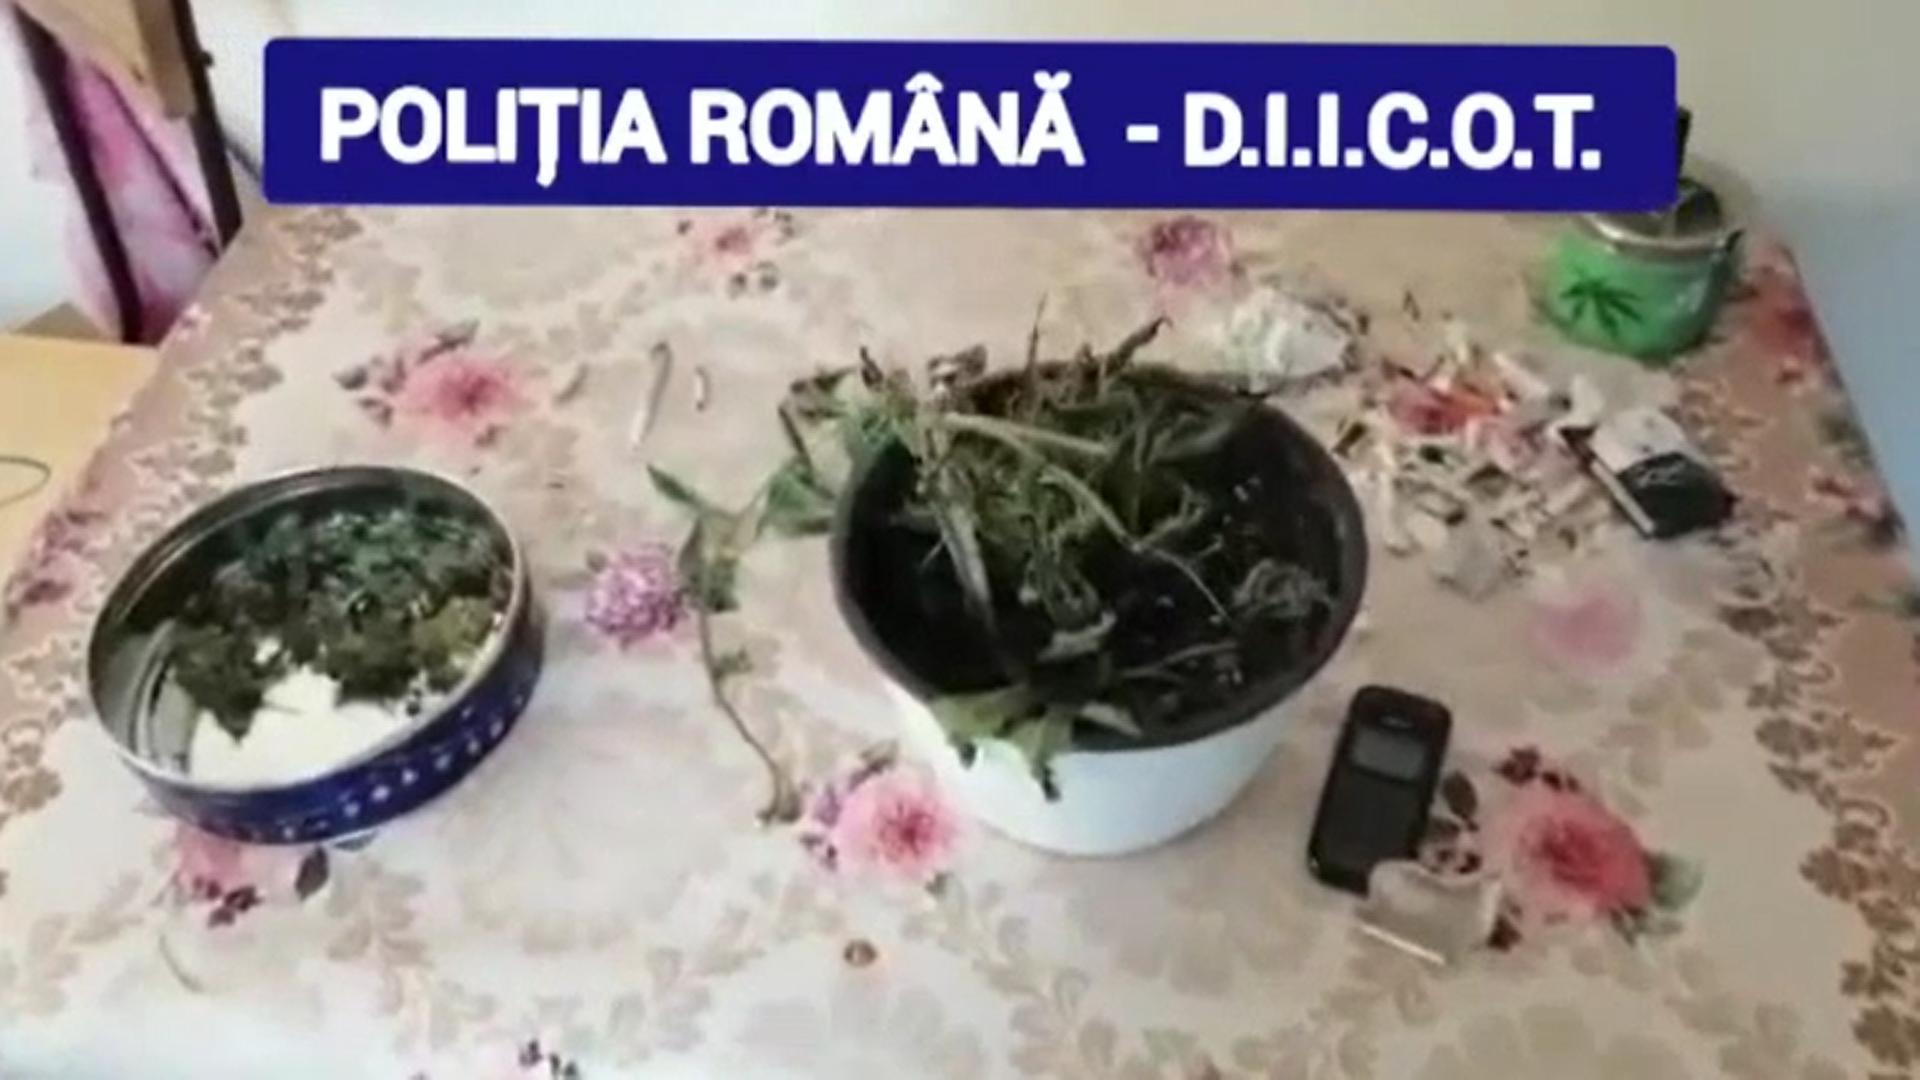 Polițiștii au descoperit o plantație de cannabis în bazinul legumicol Băleni din Dâmbovița